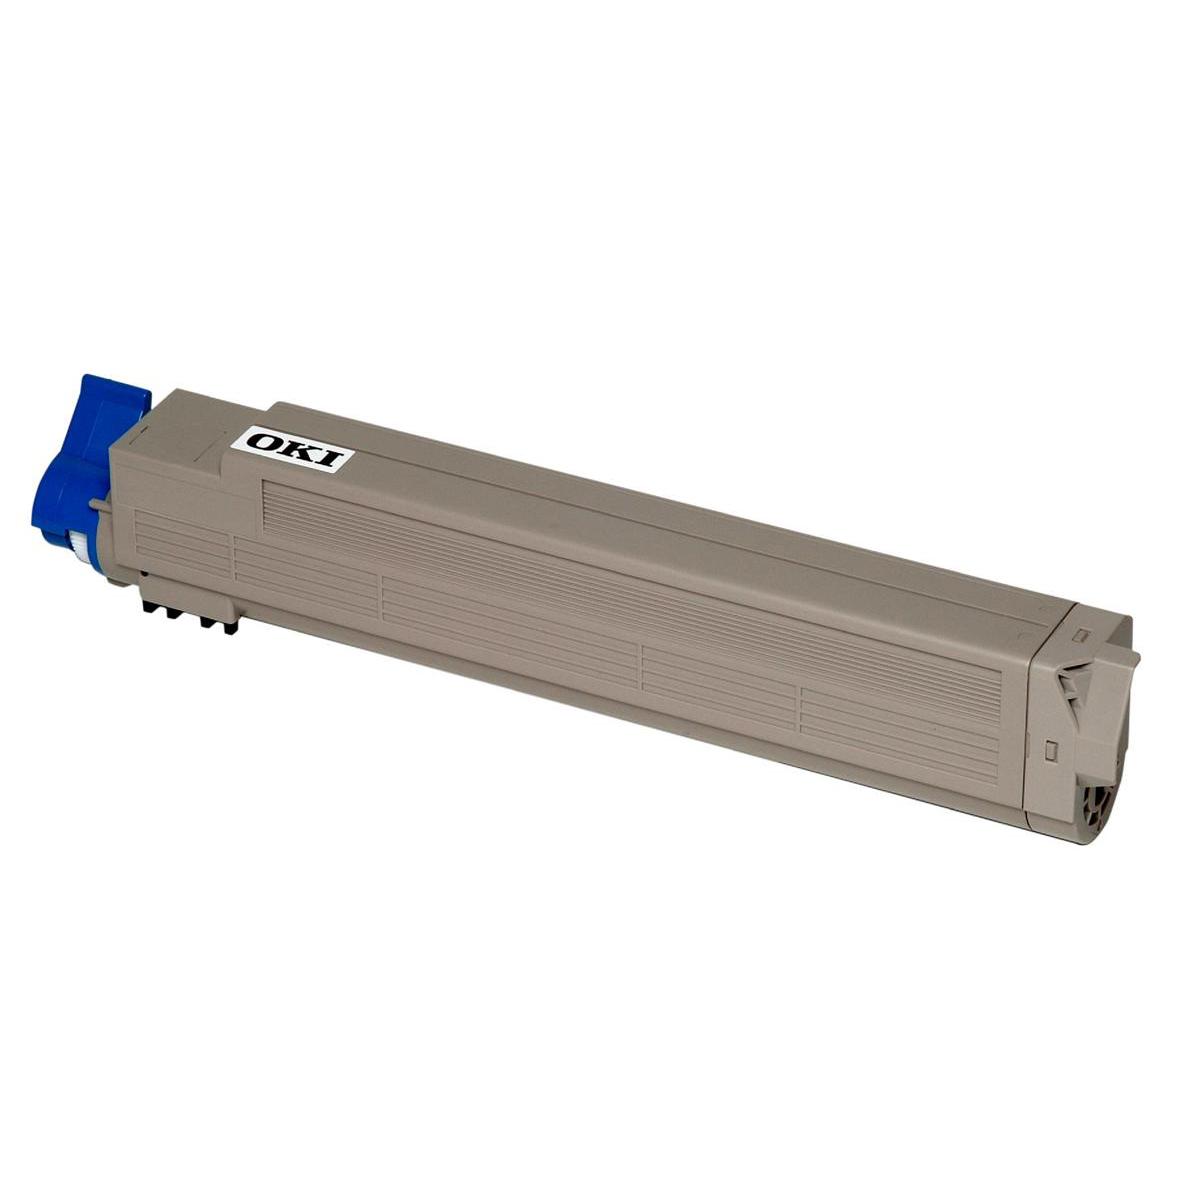 OKI Laser Toner Cartridge Page Life 15000pp Magenta Ref 42918914